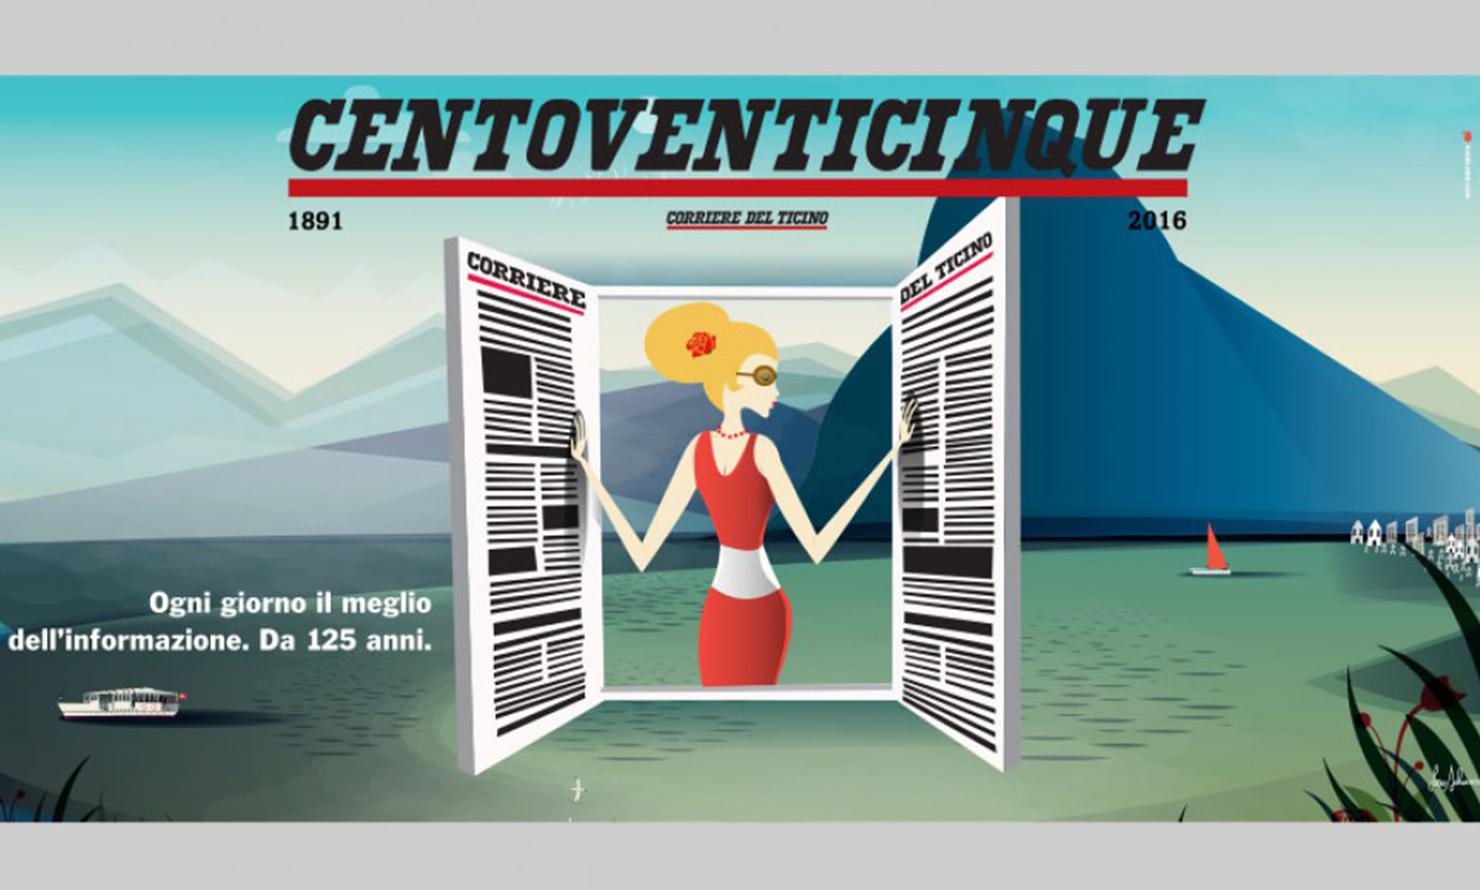 https://kubelibre.com/uploads/Slider-work-tutti-clienti/corriere-del-ticino-centoventicinque-anni-di-comunicazione-indipendente-2.jpg